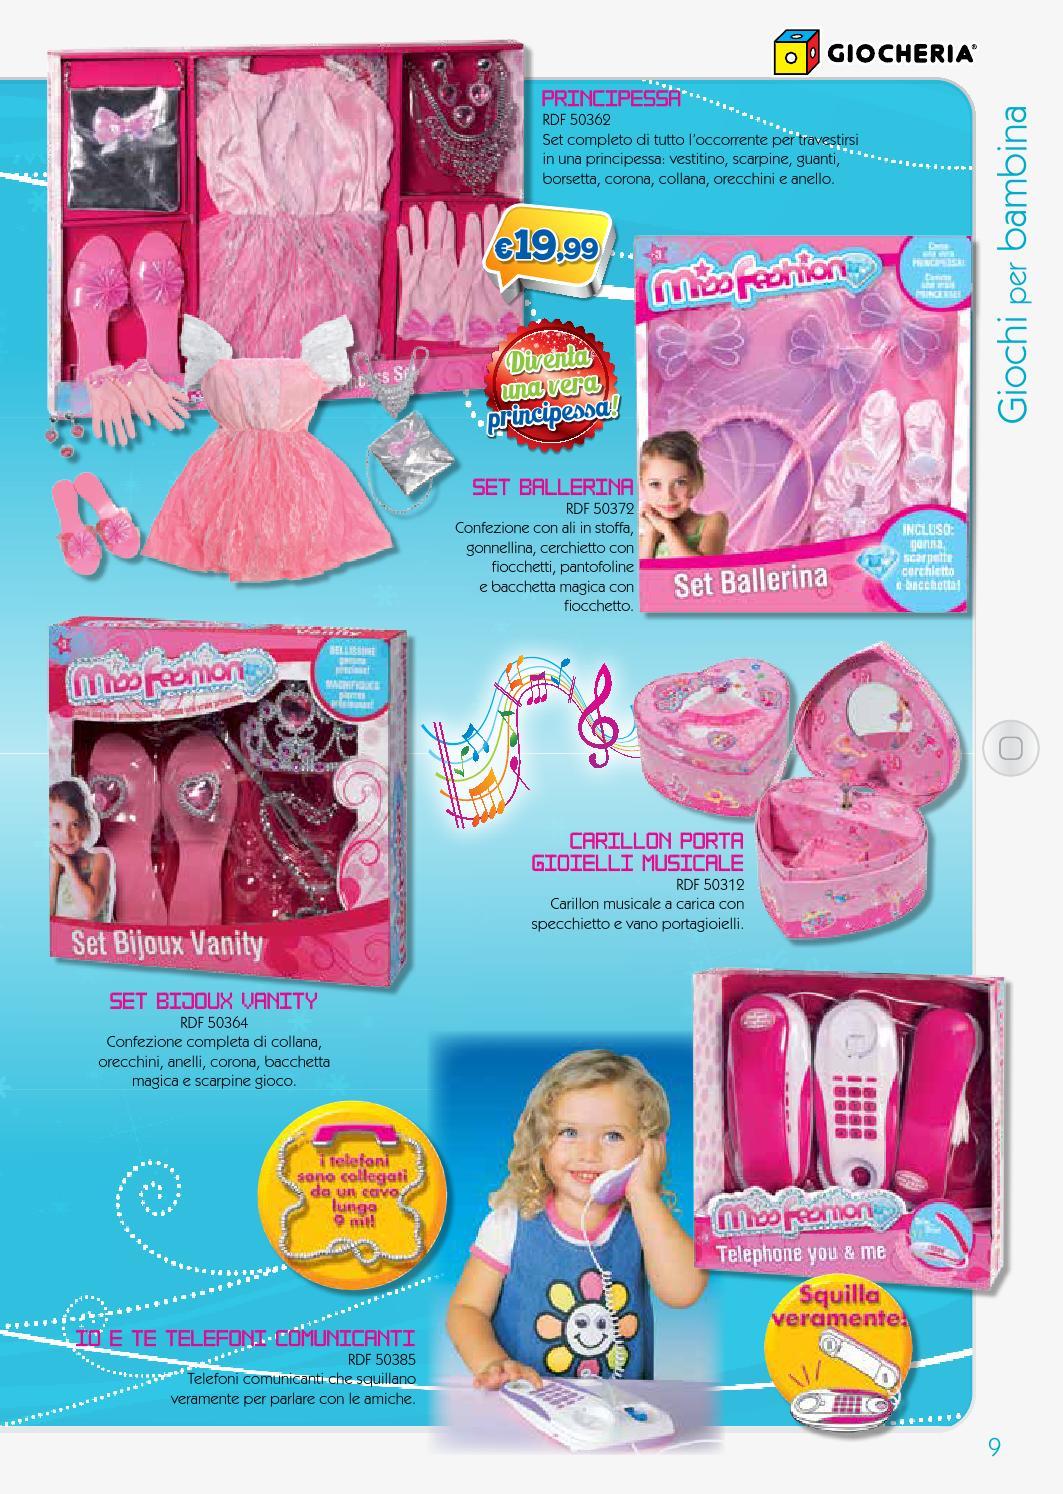 Giocheria giochi bambina natale 2013 by giocheria page 2 - Carillon portagioie bambina ...